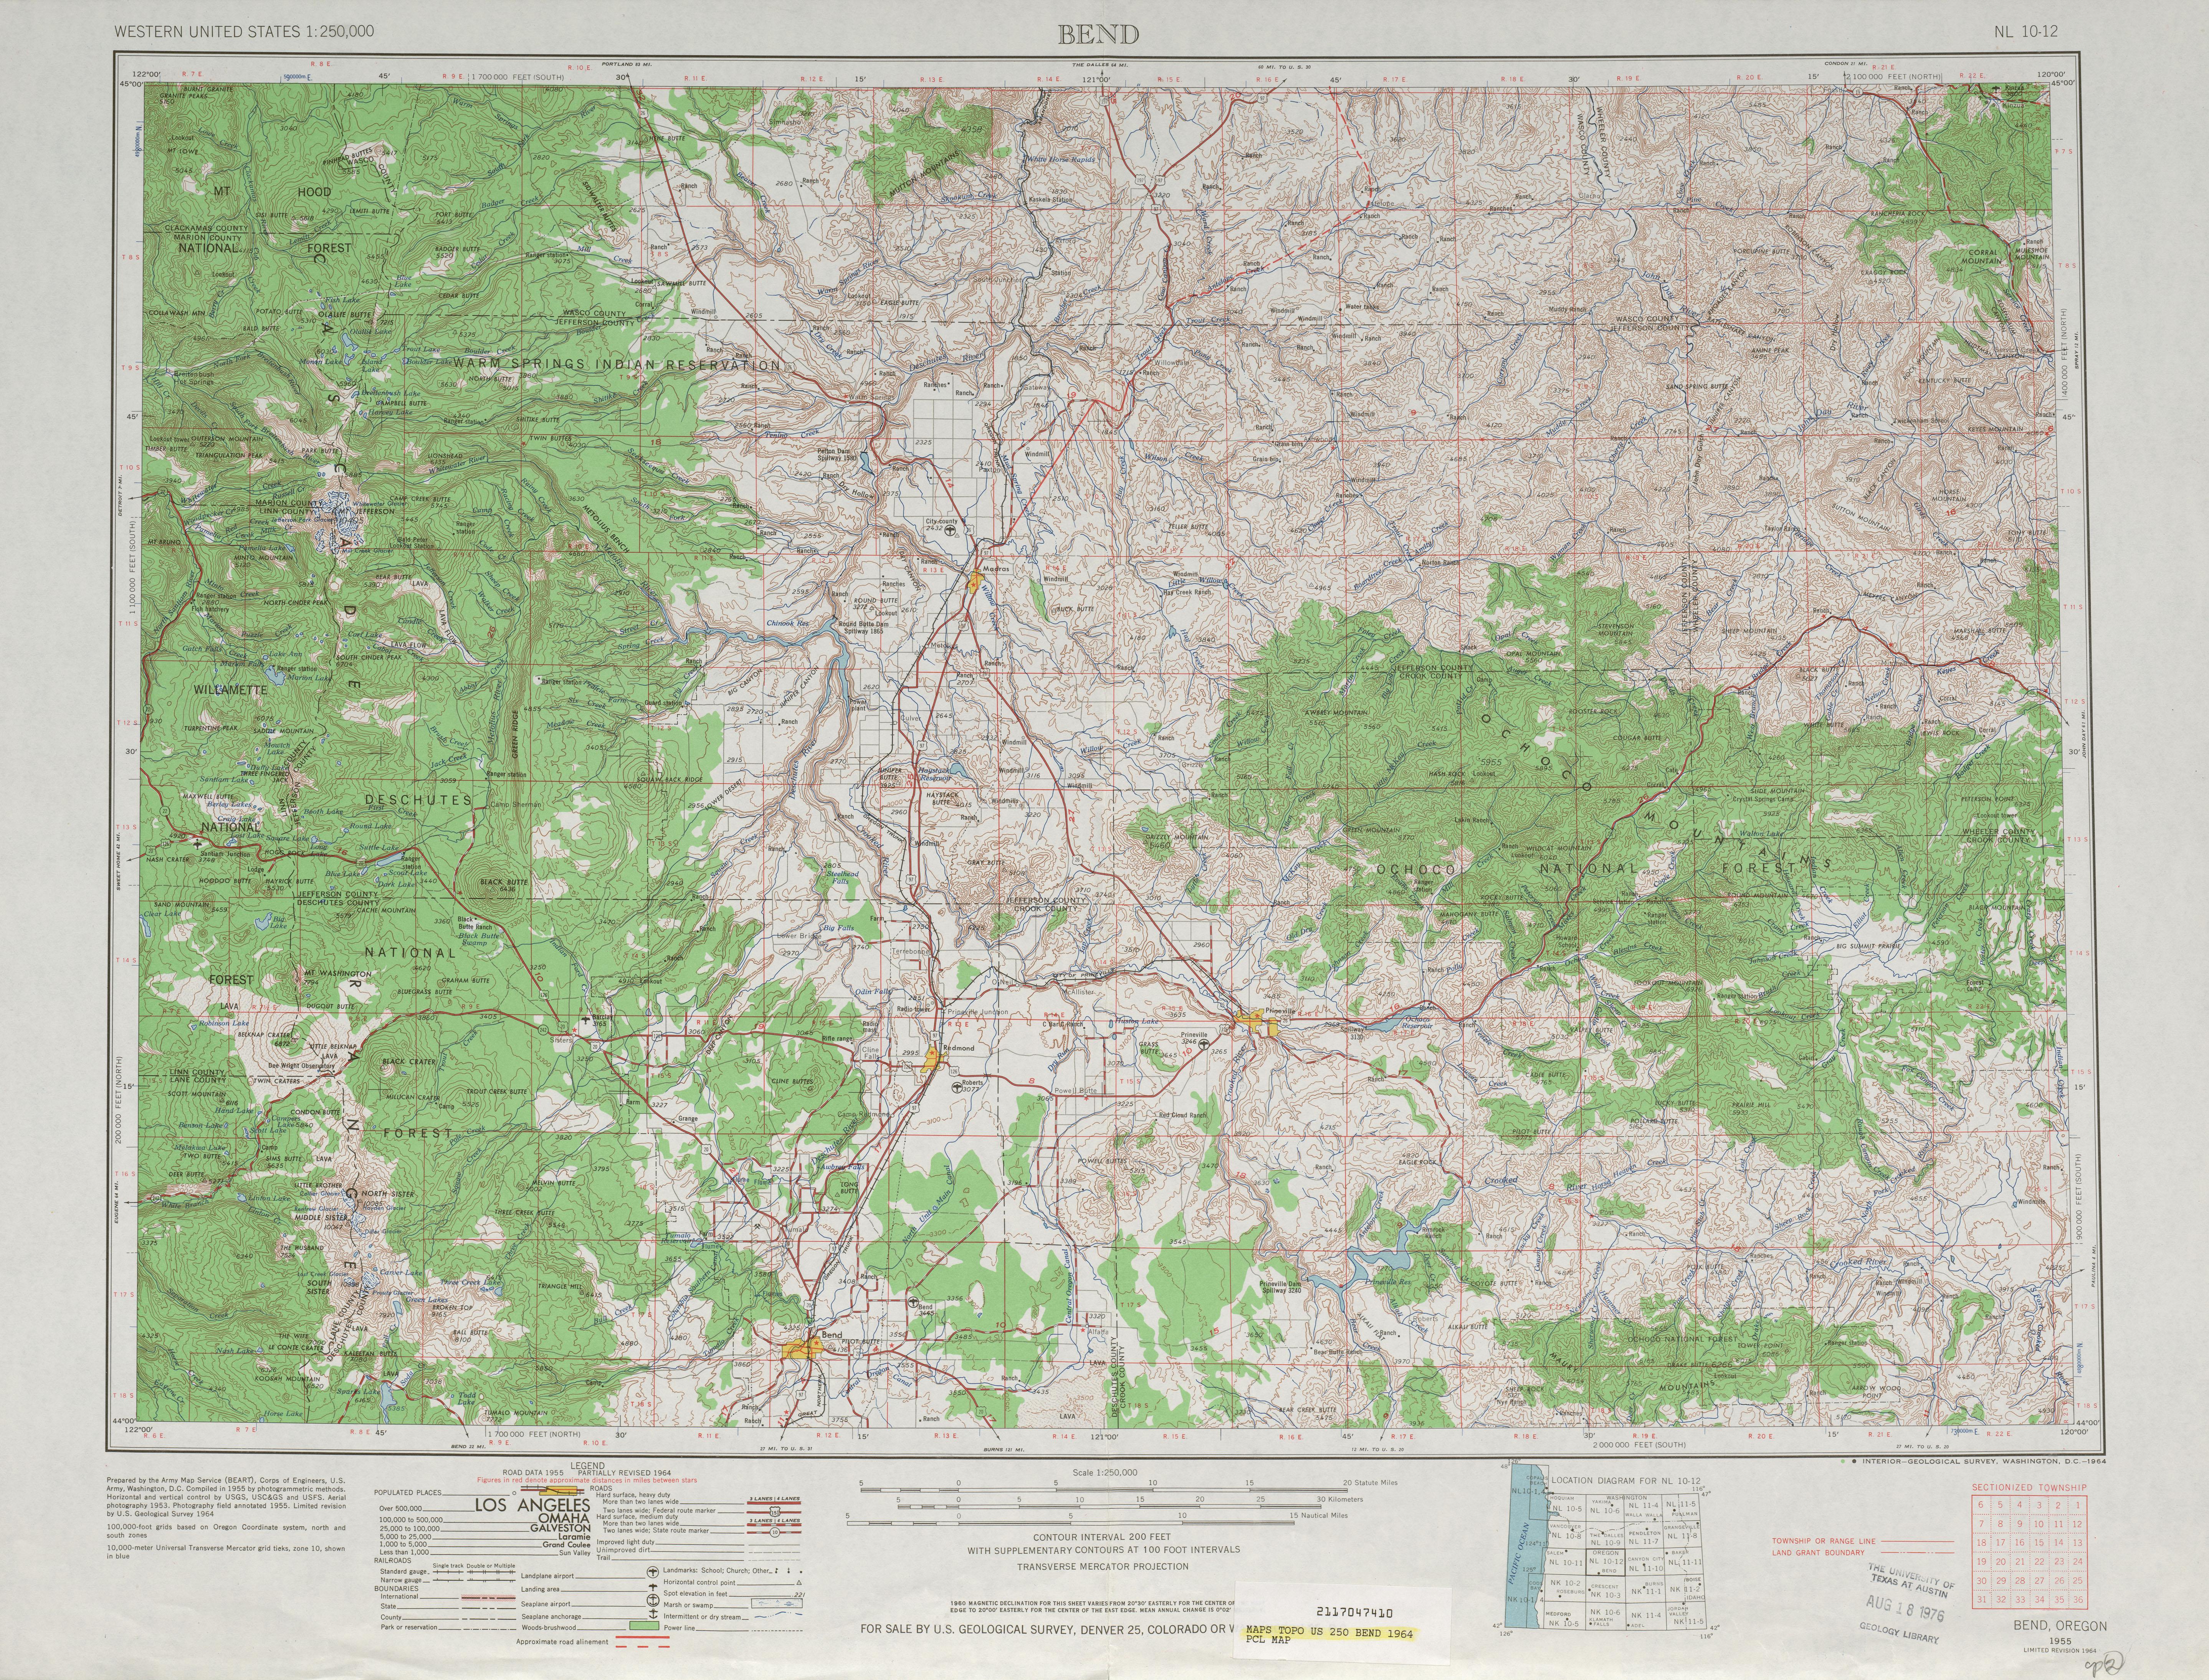 Hoja Bend del Mapa Topográfico de los Estados Unidos 1964